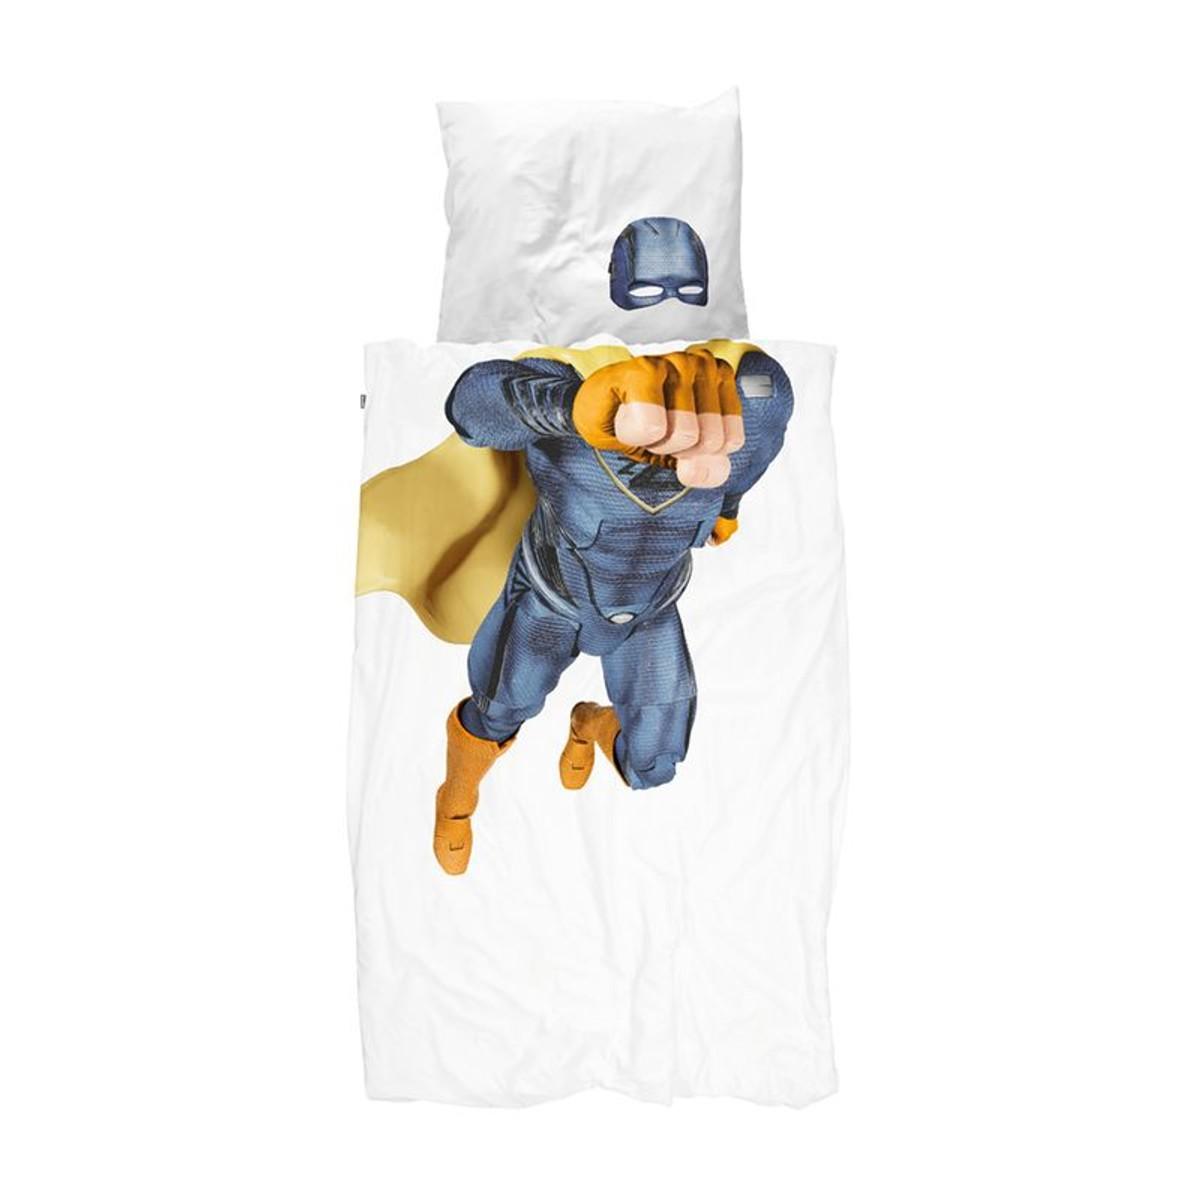 Parure De Lit Super Heros Bleu Taille 140x200 Cm Parure De Lit Jeux De Housse De Couette Housse De Couette